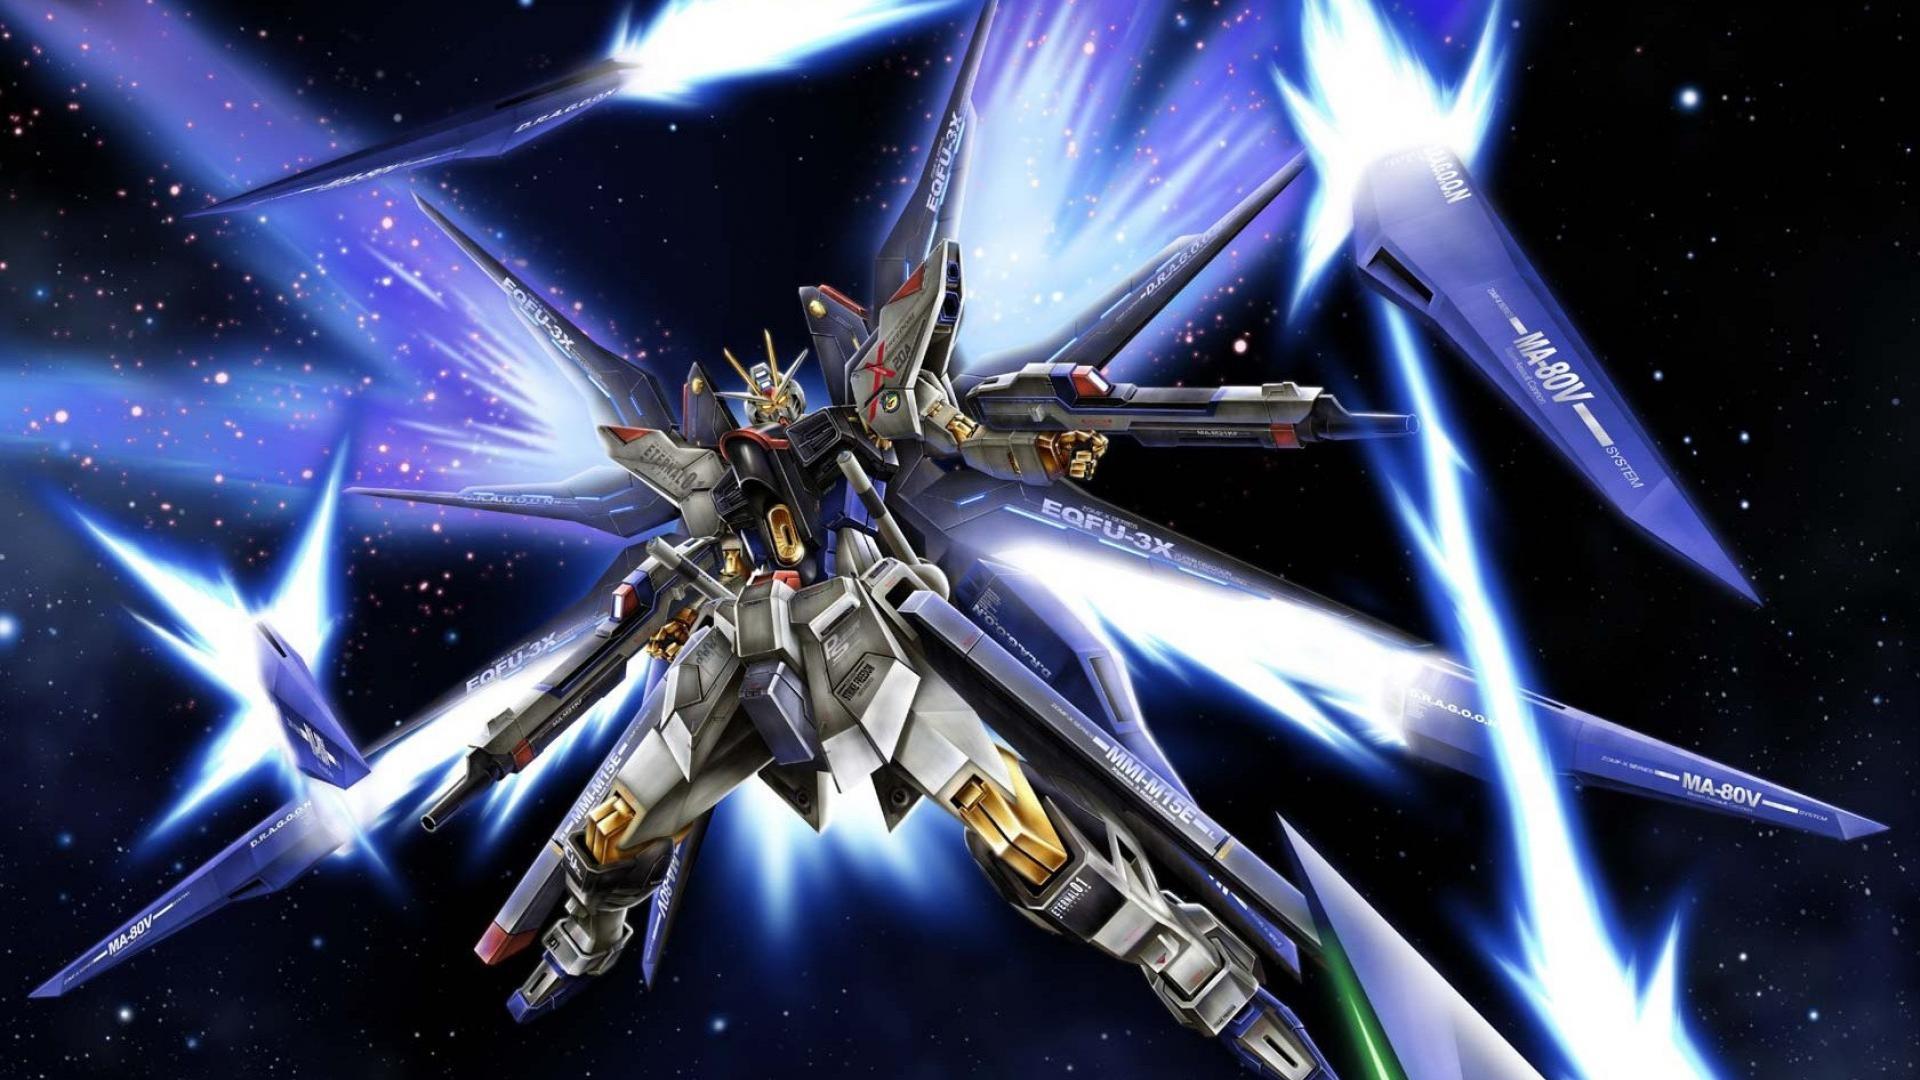 Gundam wallpaper ·① Download free beautiful wallpapers for ...